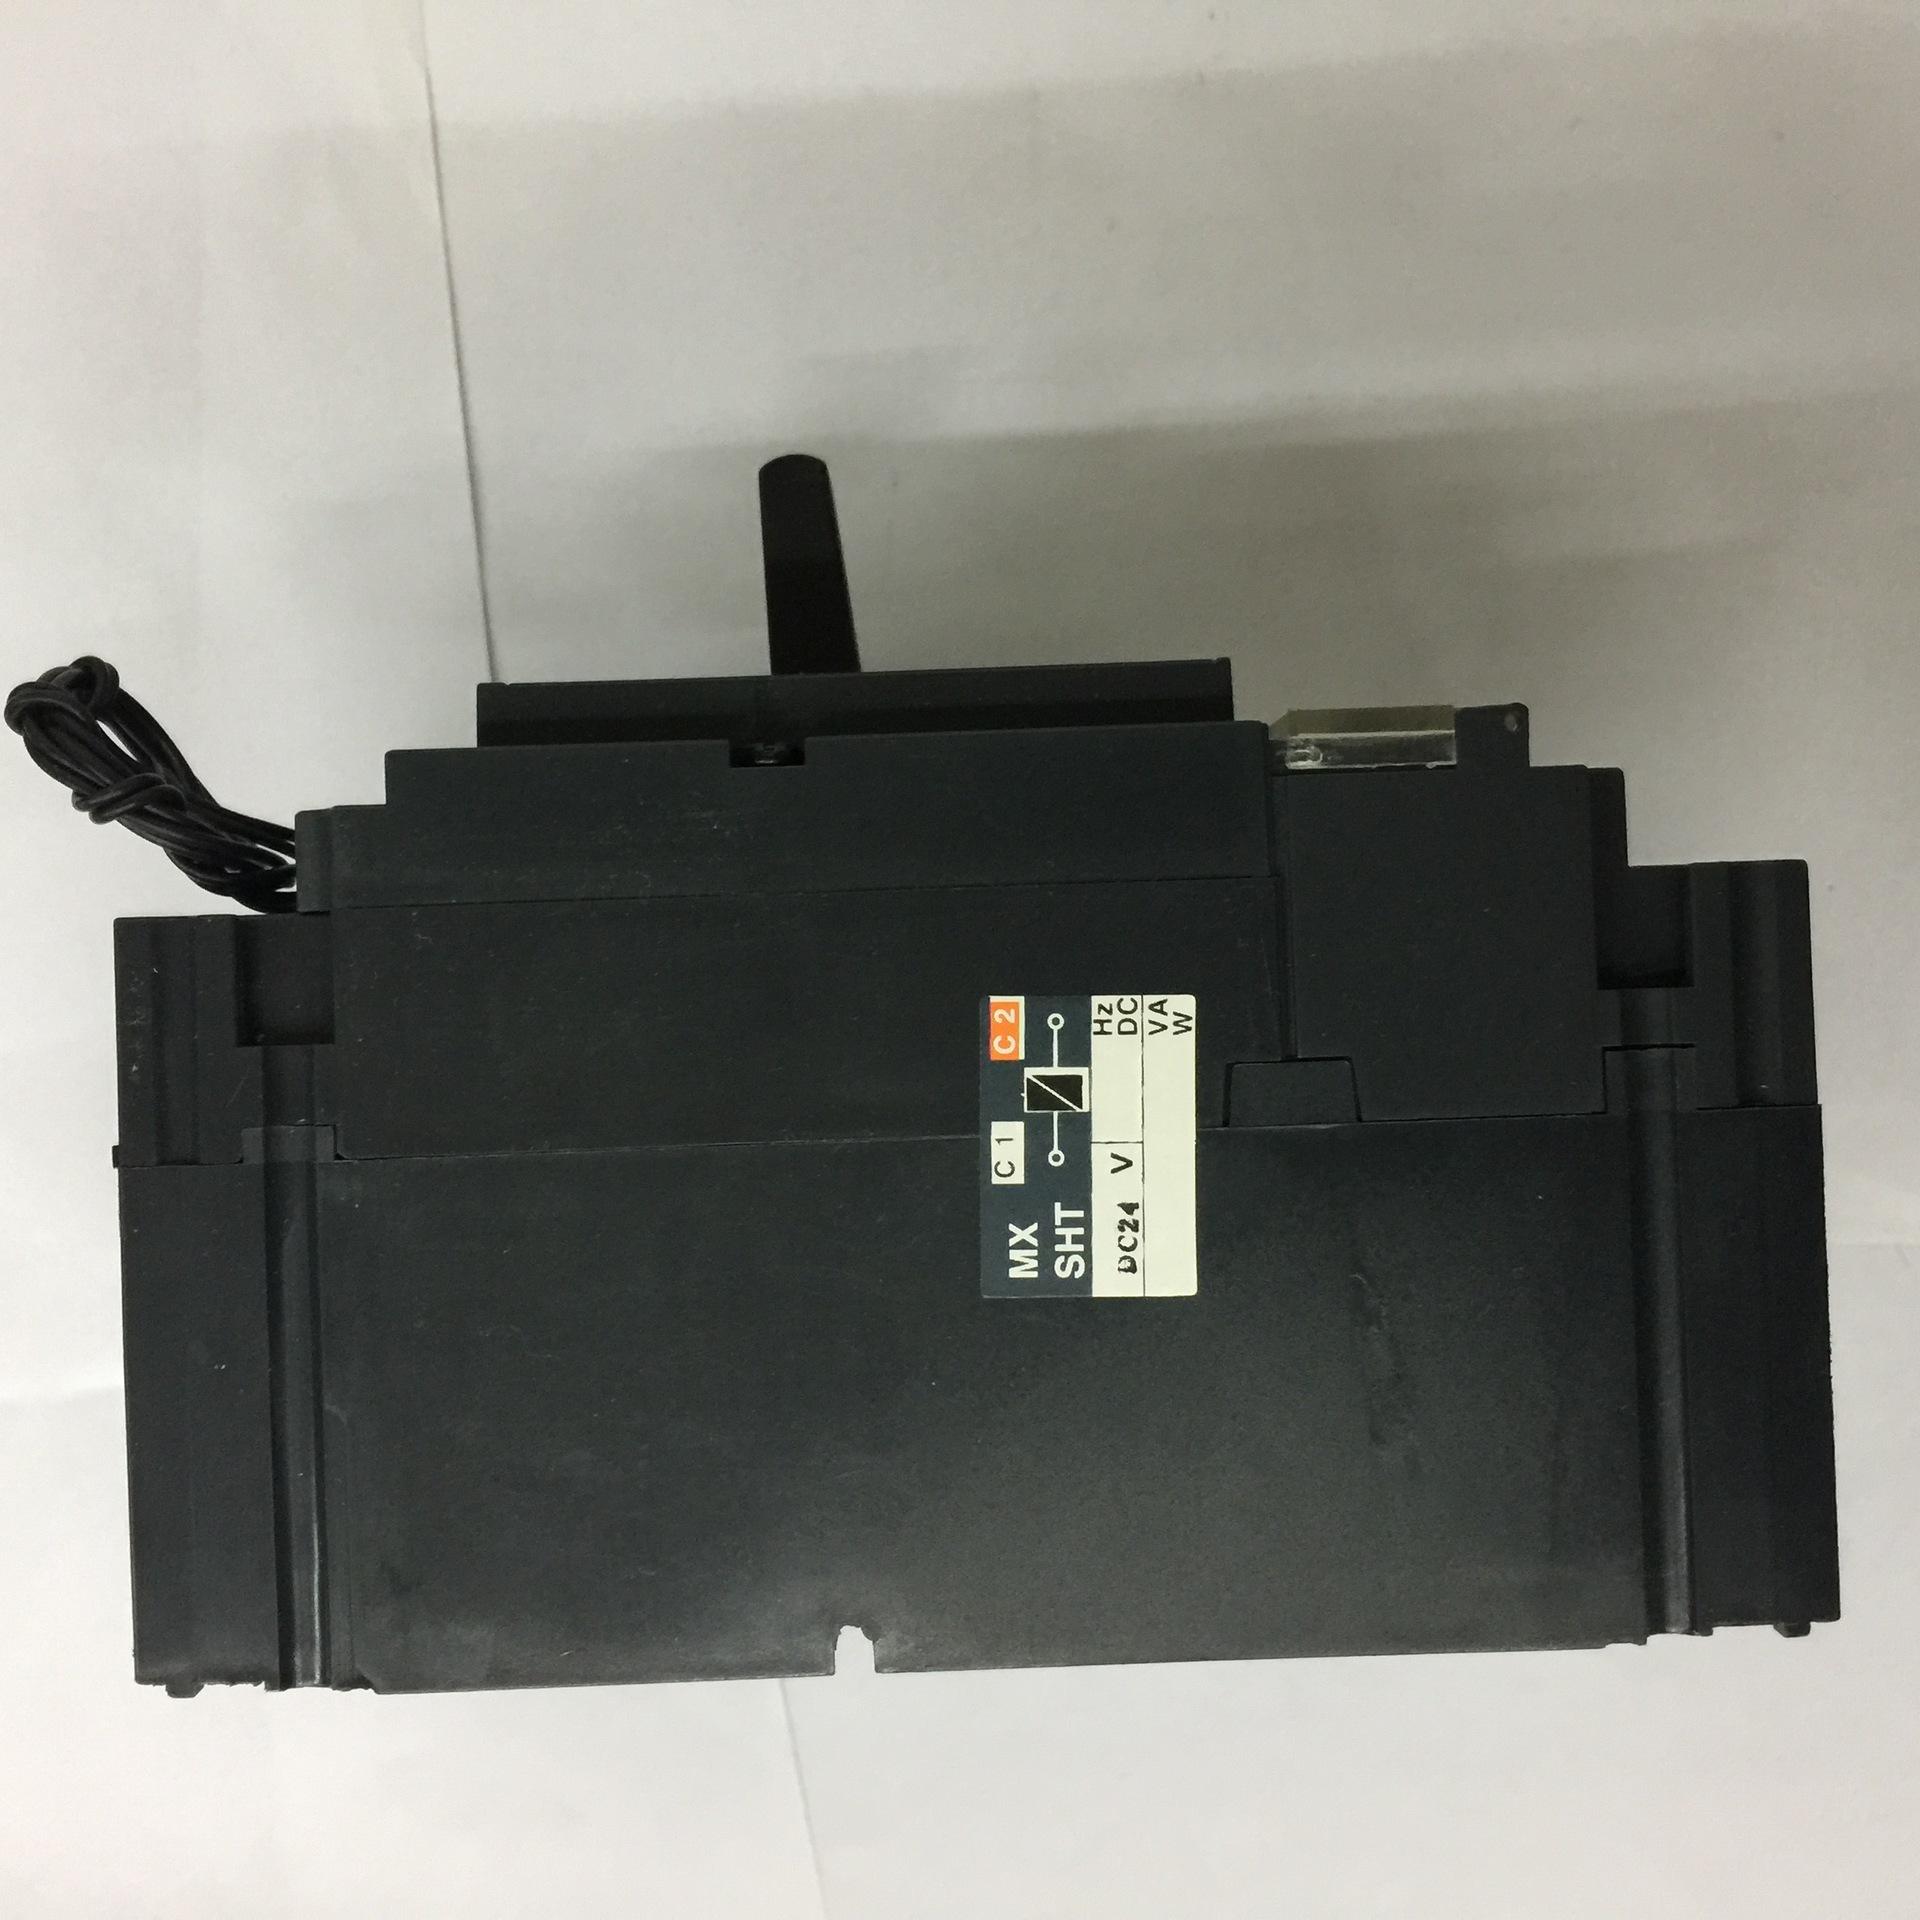 Được rồi... NSX250H mới ráp xong thế 250A đưa phân trị, thiết bị phát hành DC24V MX Breaker